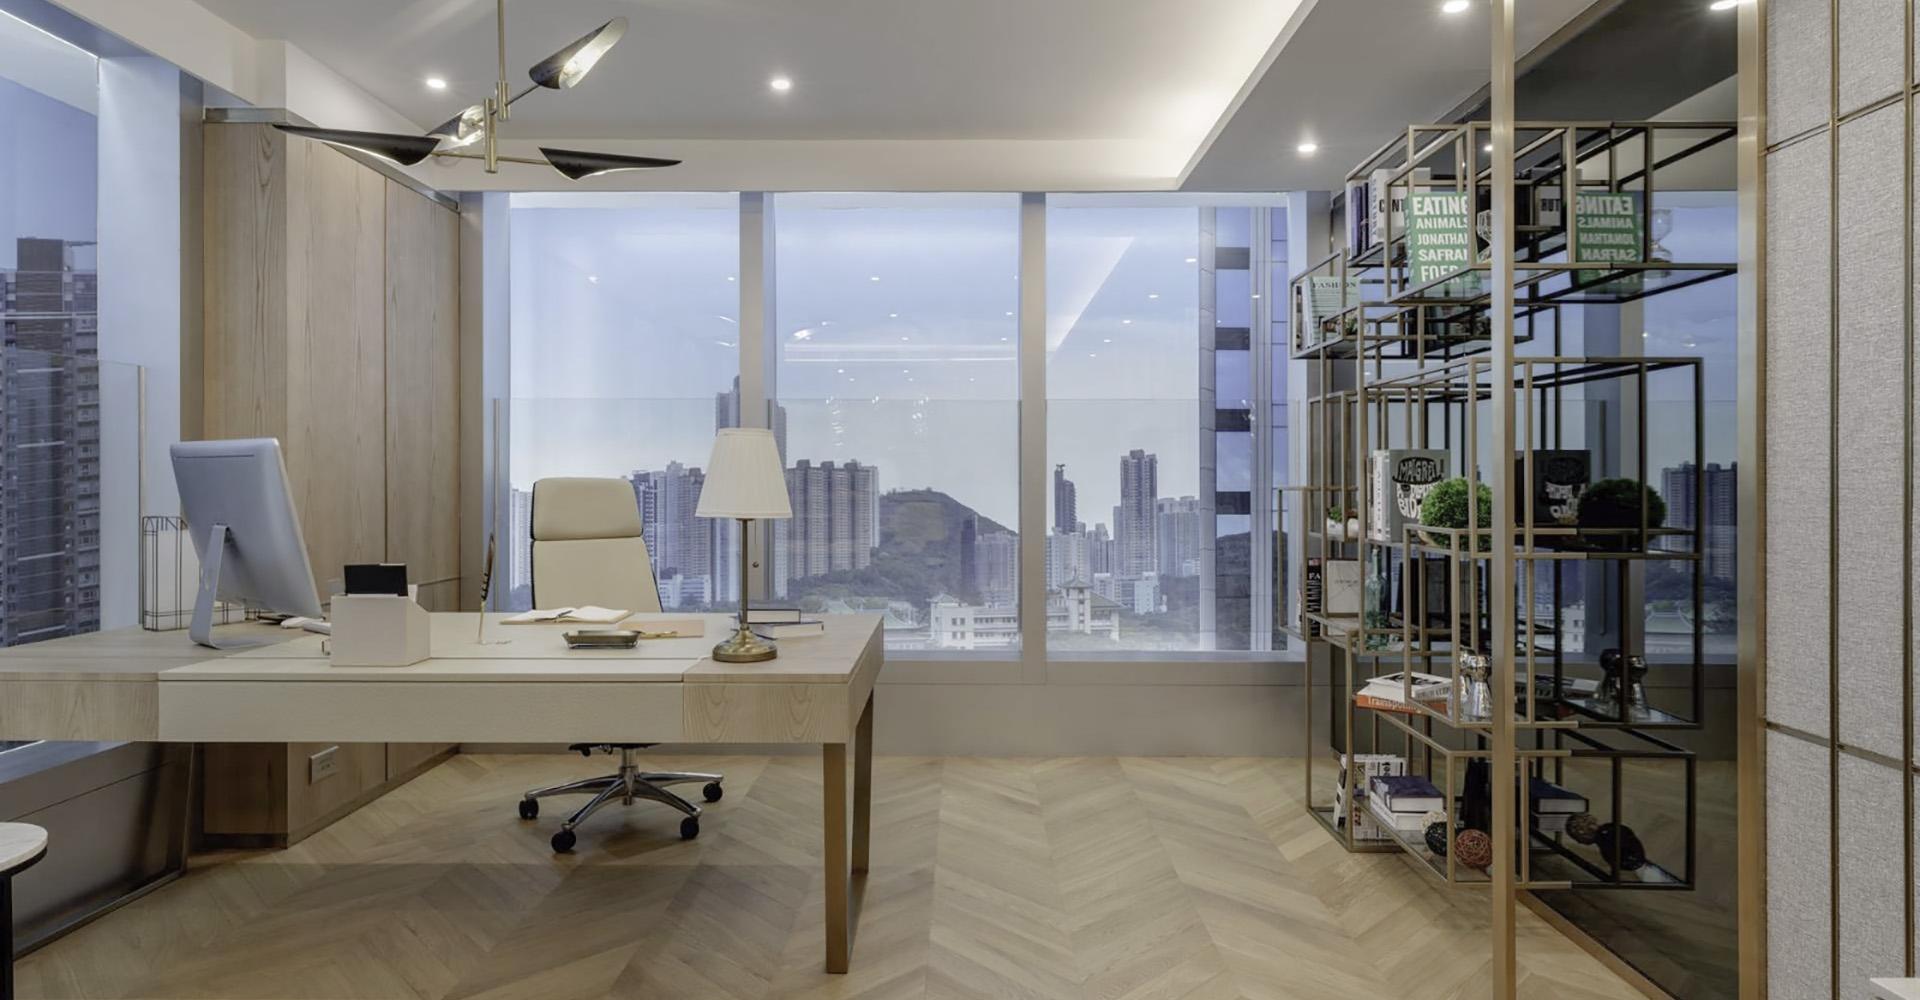 Vignature-Display Smart Office-2